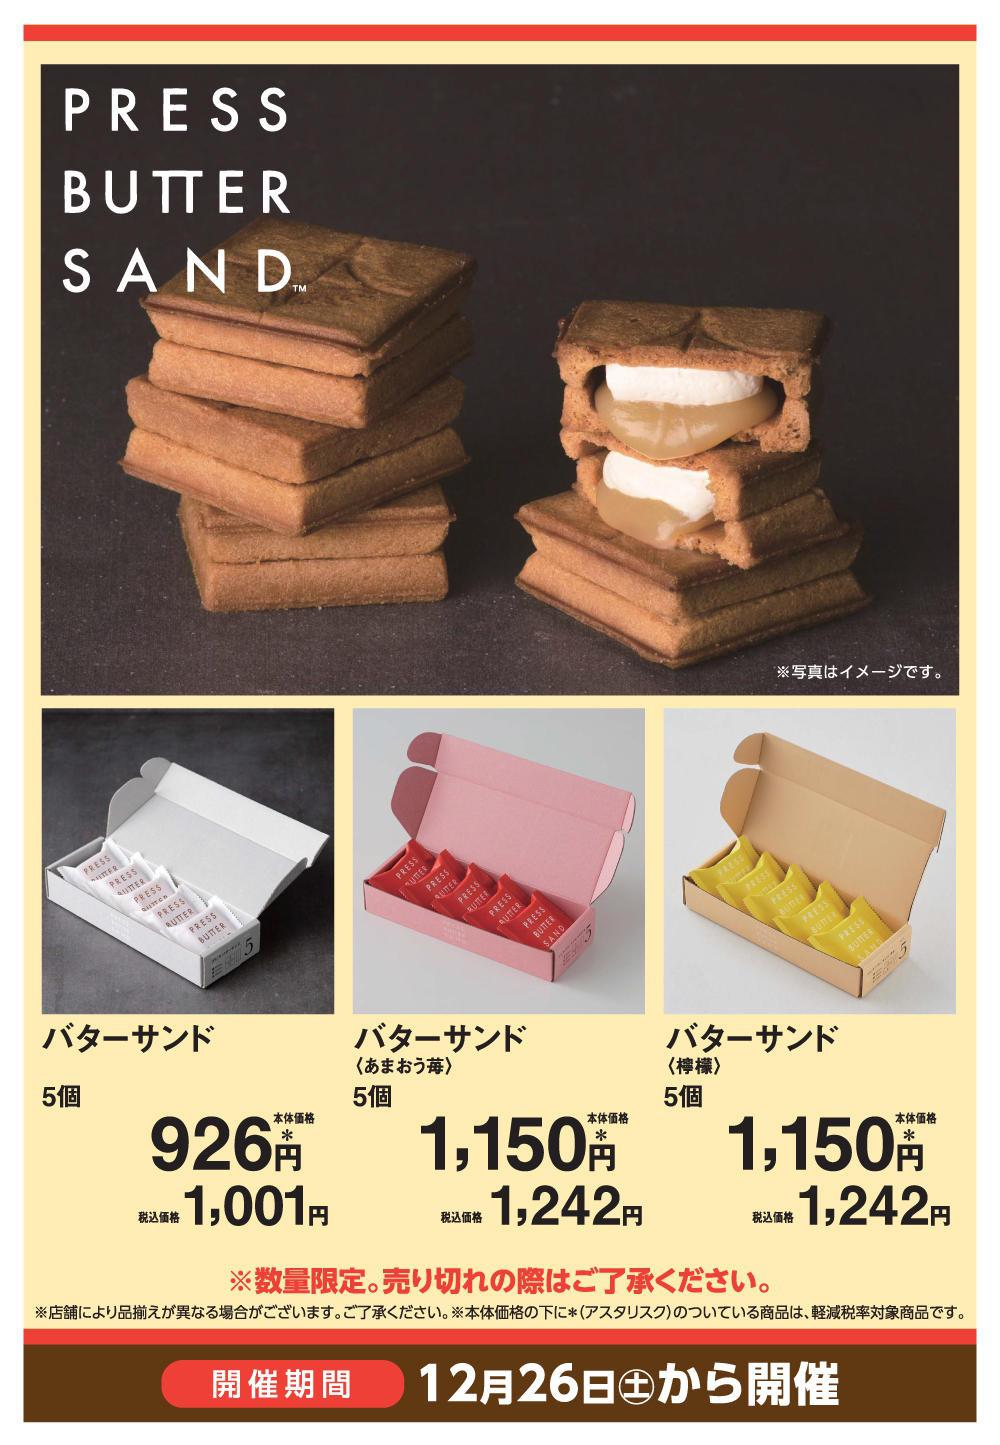 バターサンド専門店 PRESS BUTTER SAND ゆめタウン久留米【12月26日から開催】